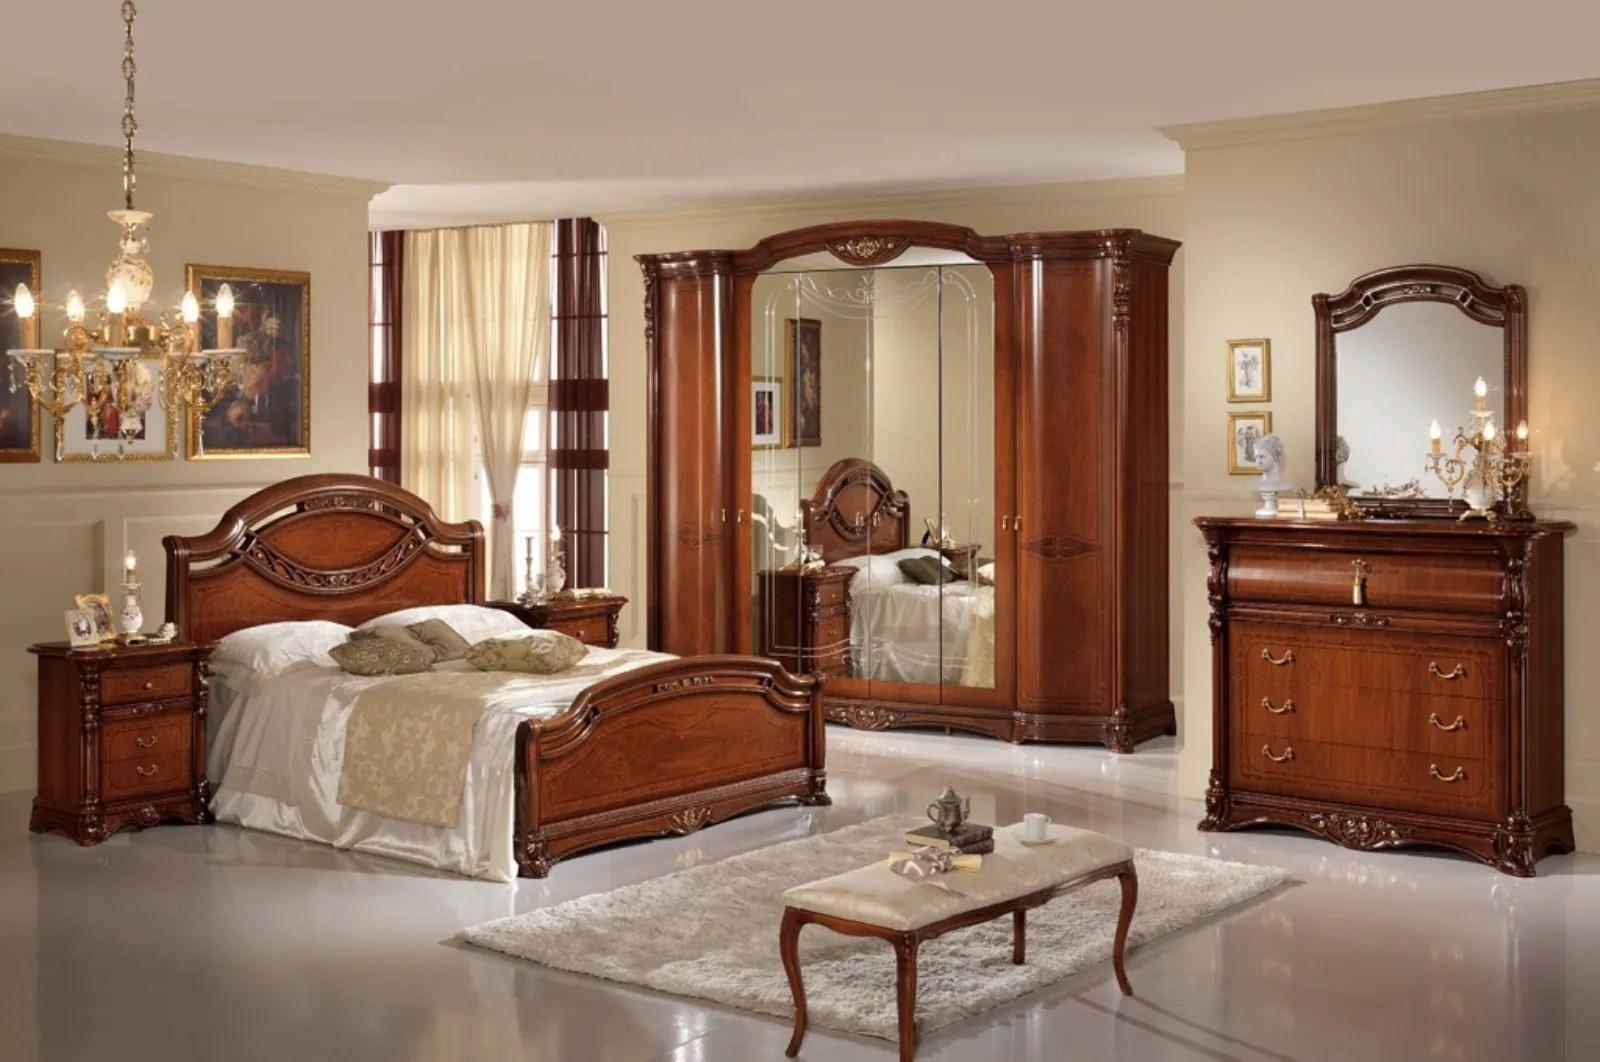 Se i mobili in arte povera sono color legno, si possono benissimo abbinare a colori più scuri, come l'azzurro o il blu. Camere Da Letto